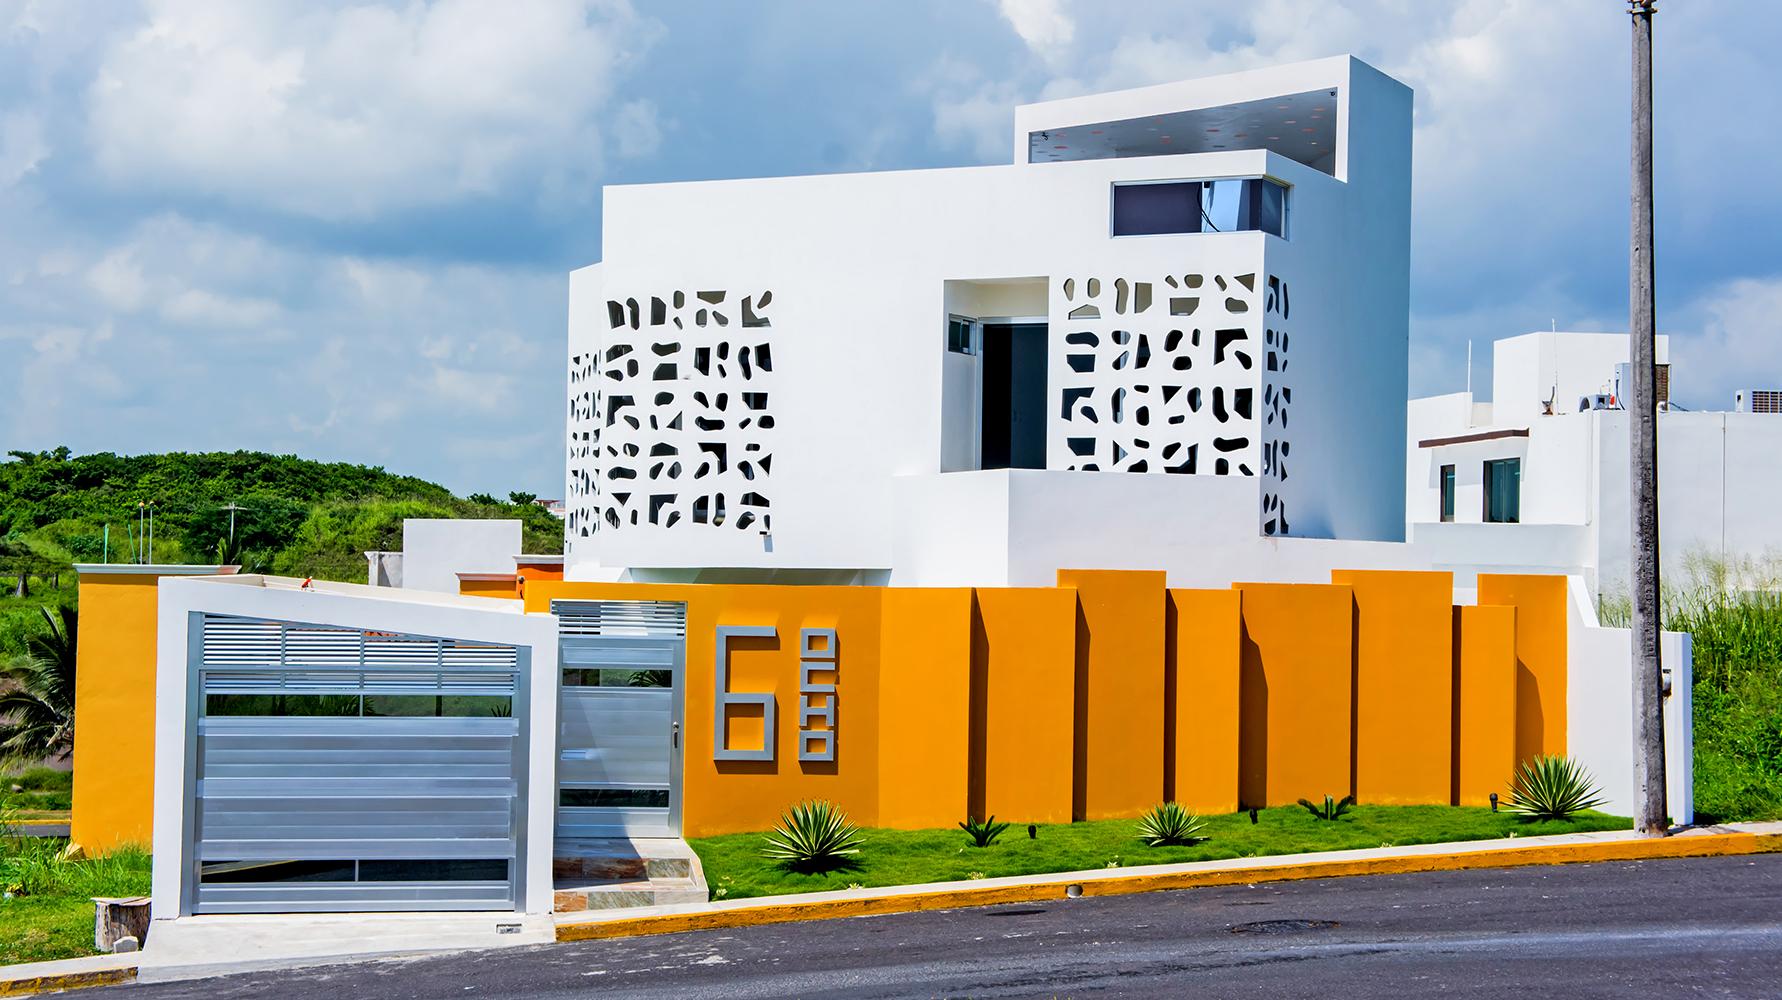 NEST HOUSE